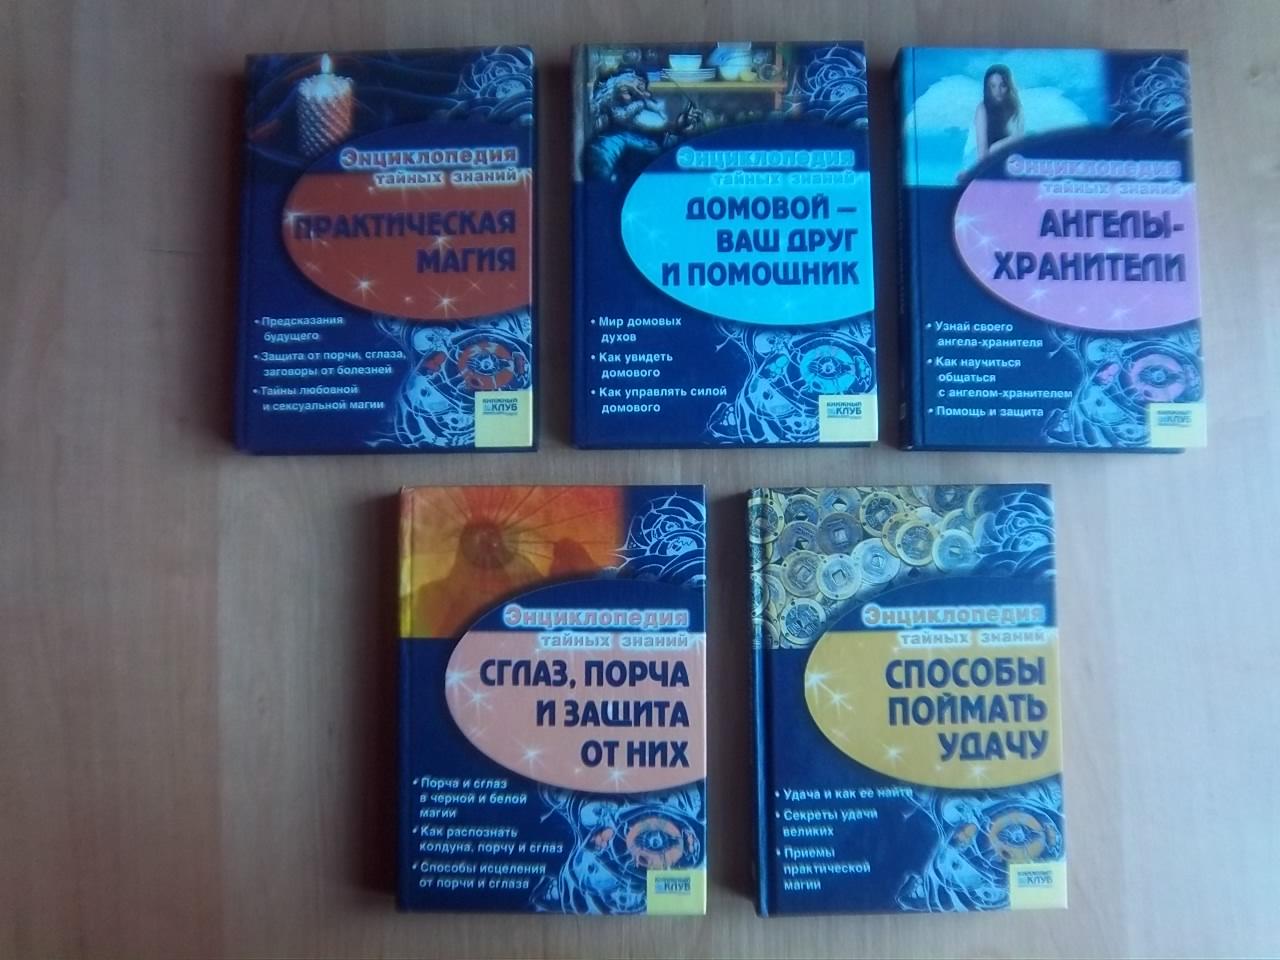 Книга 1 «Практическая магия» 2 Книга судеб Книга 3 «Домовой - ваш друг и помощник» Книга 4 «Ангелы-хранители» Книга